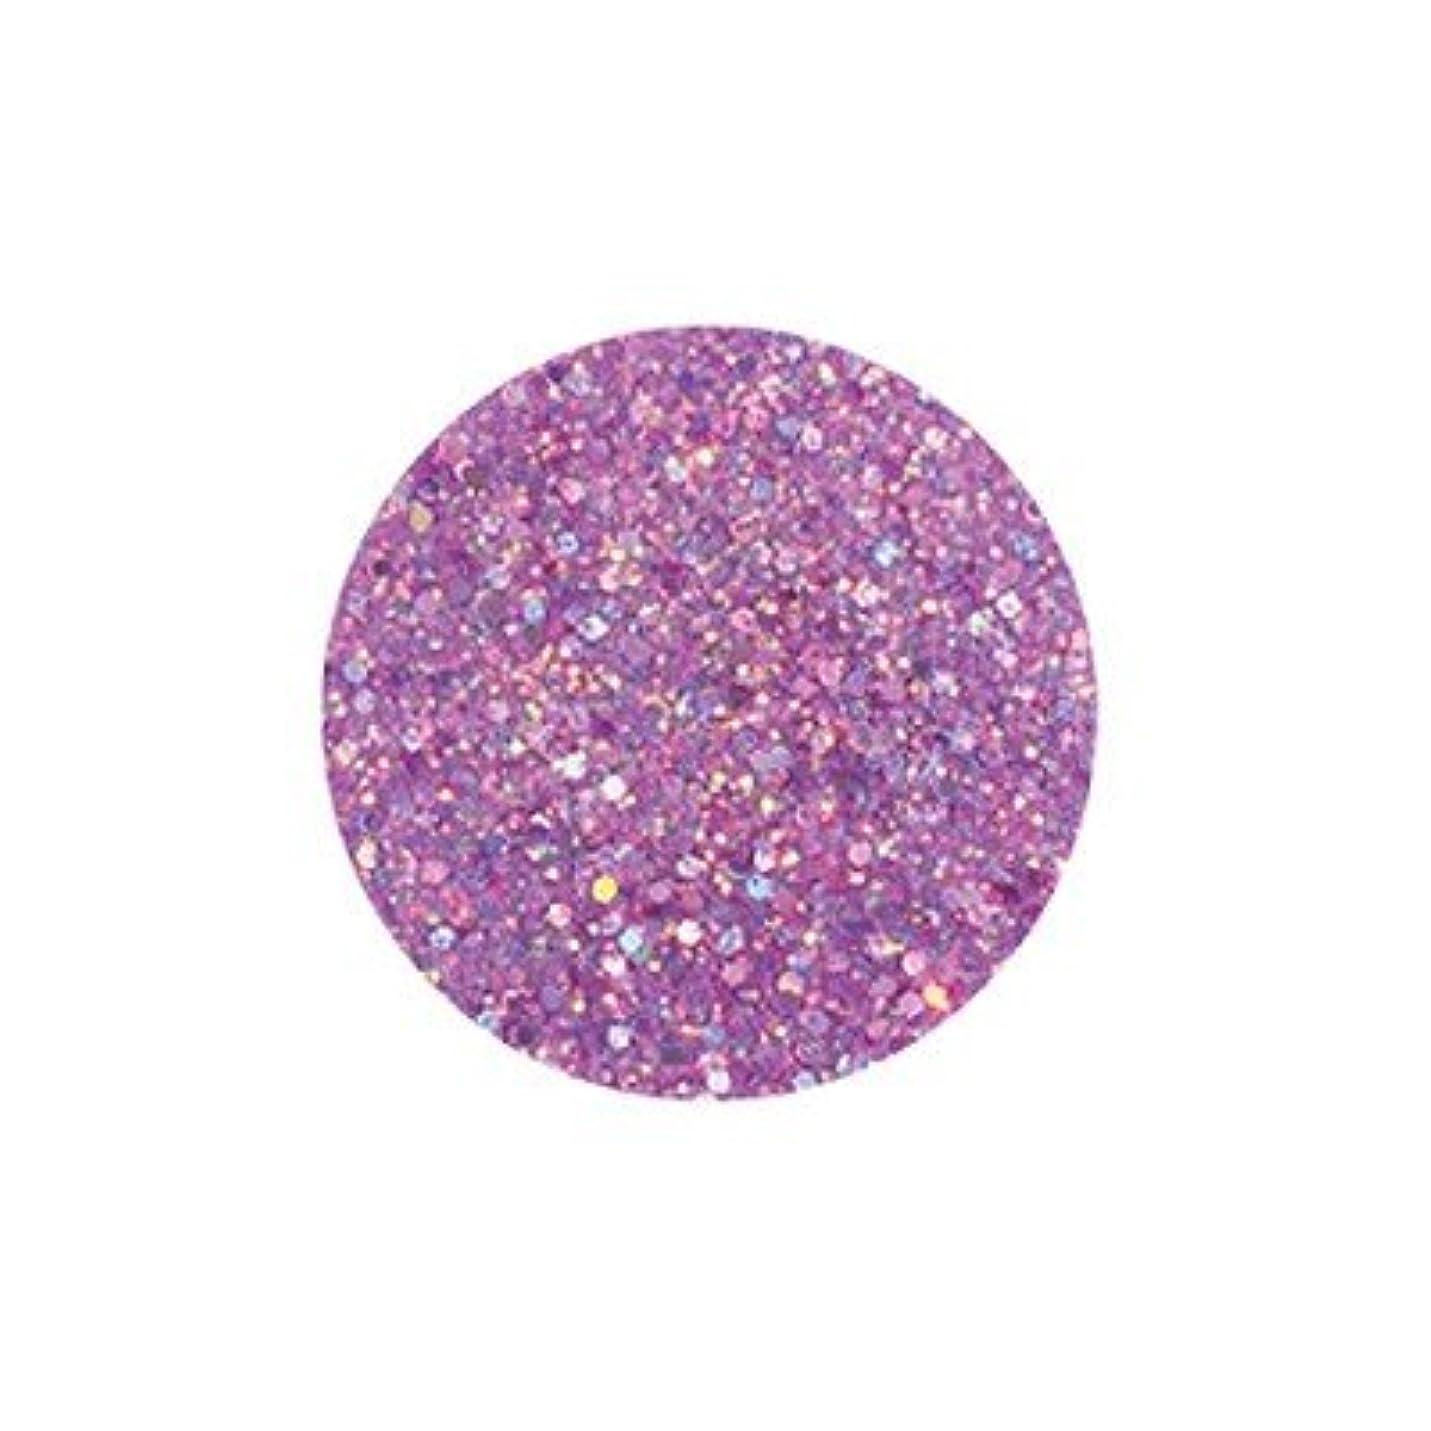 最大化する計画溶融FANTASY NAIL ダイヤモンドコレクション 3g 4258XS カラーパウダー アート材